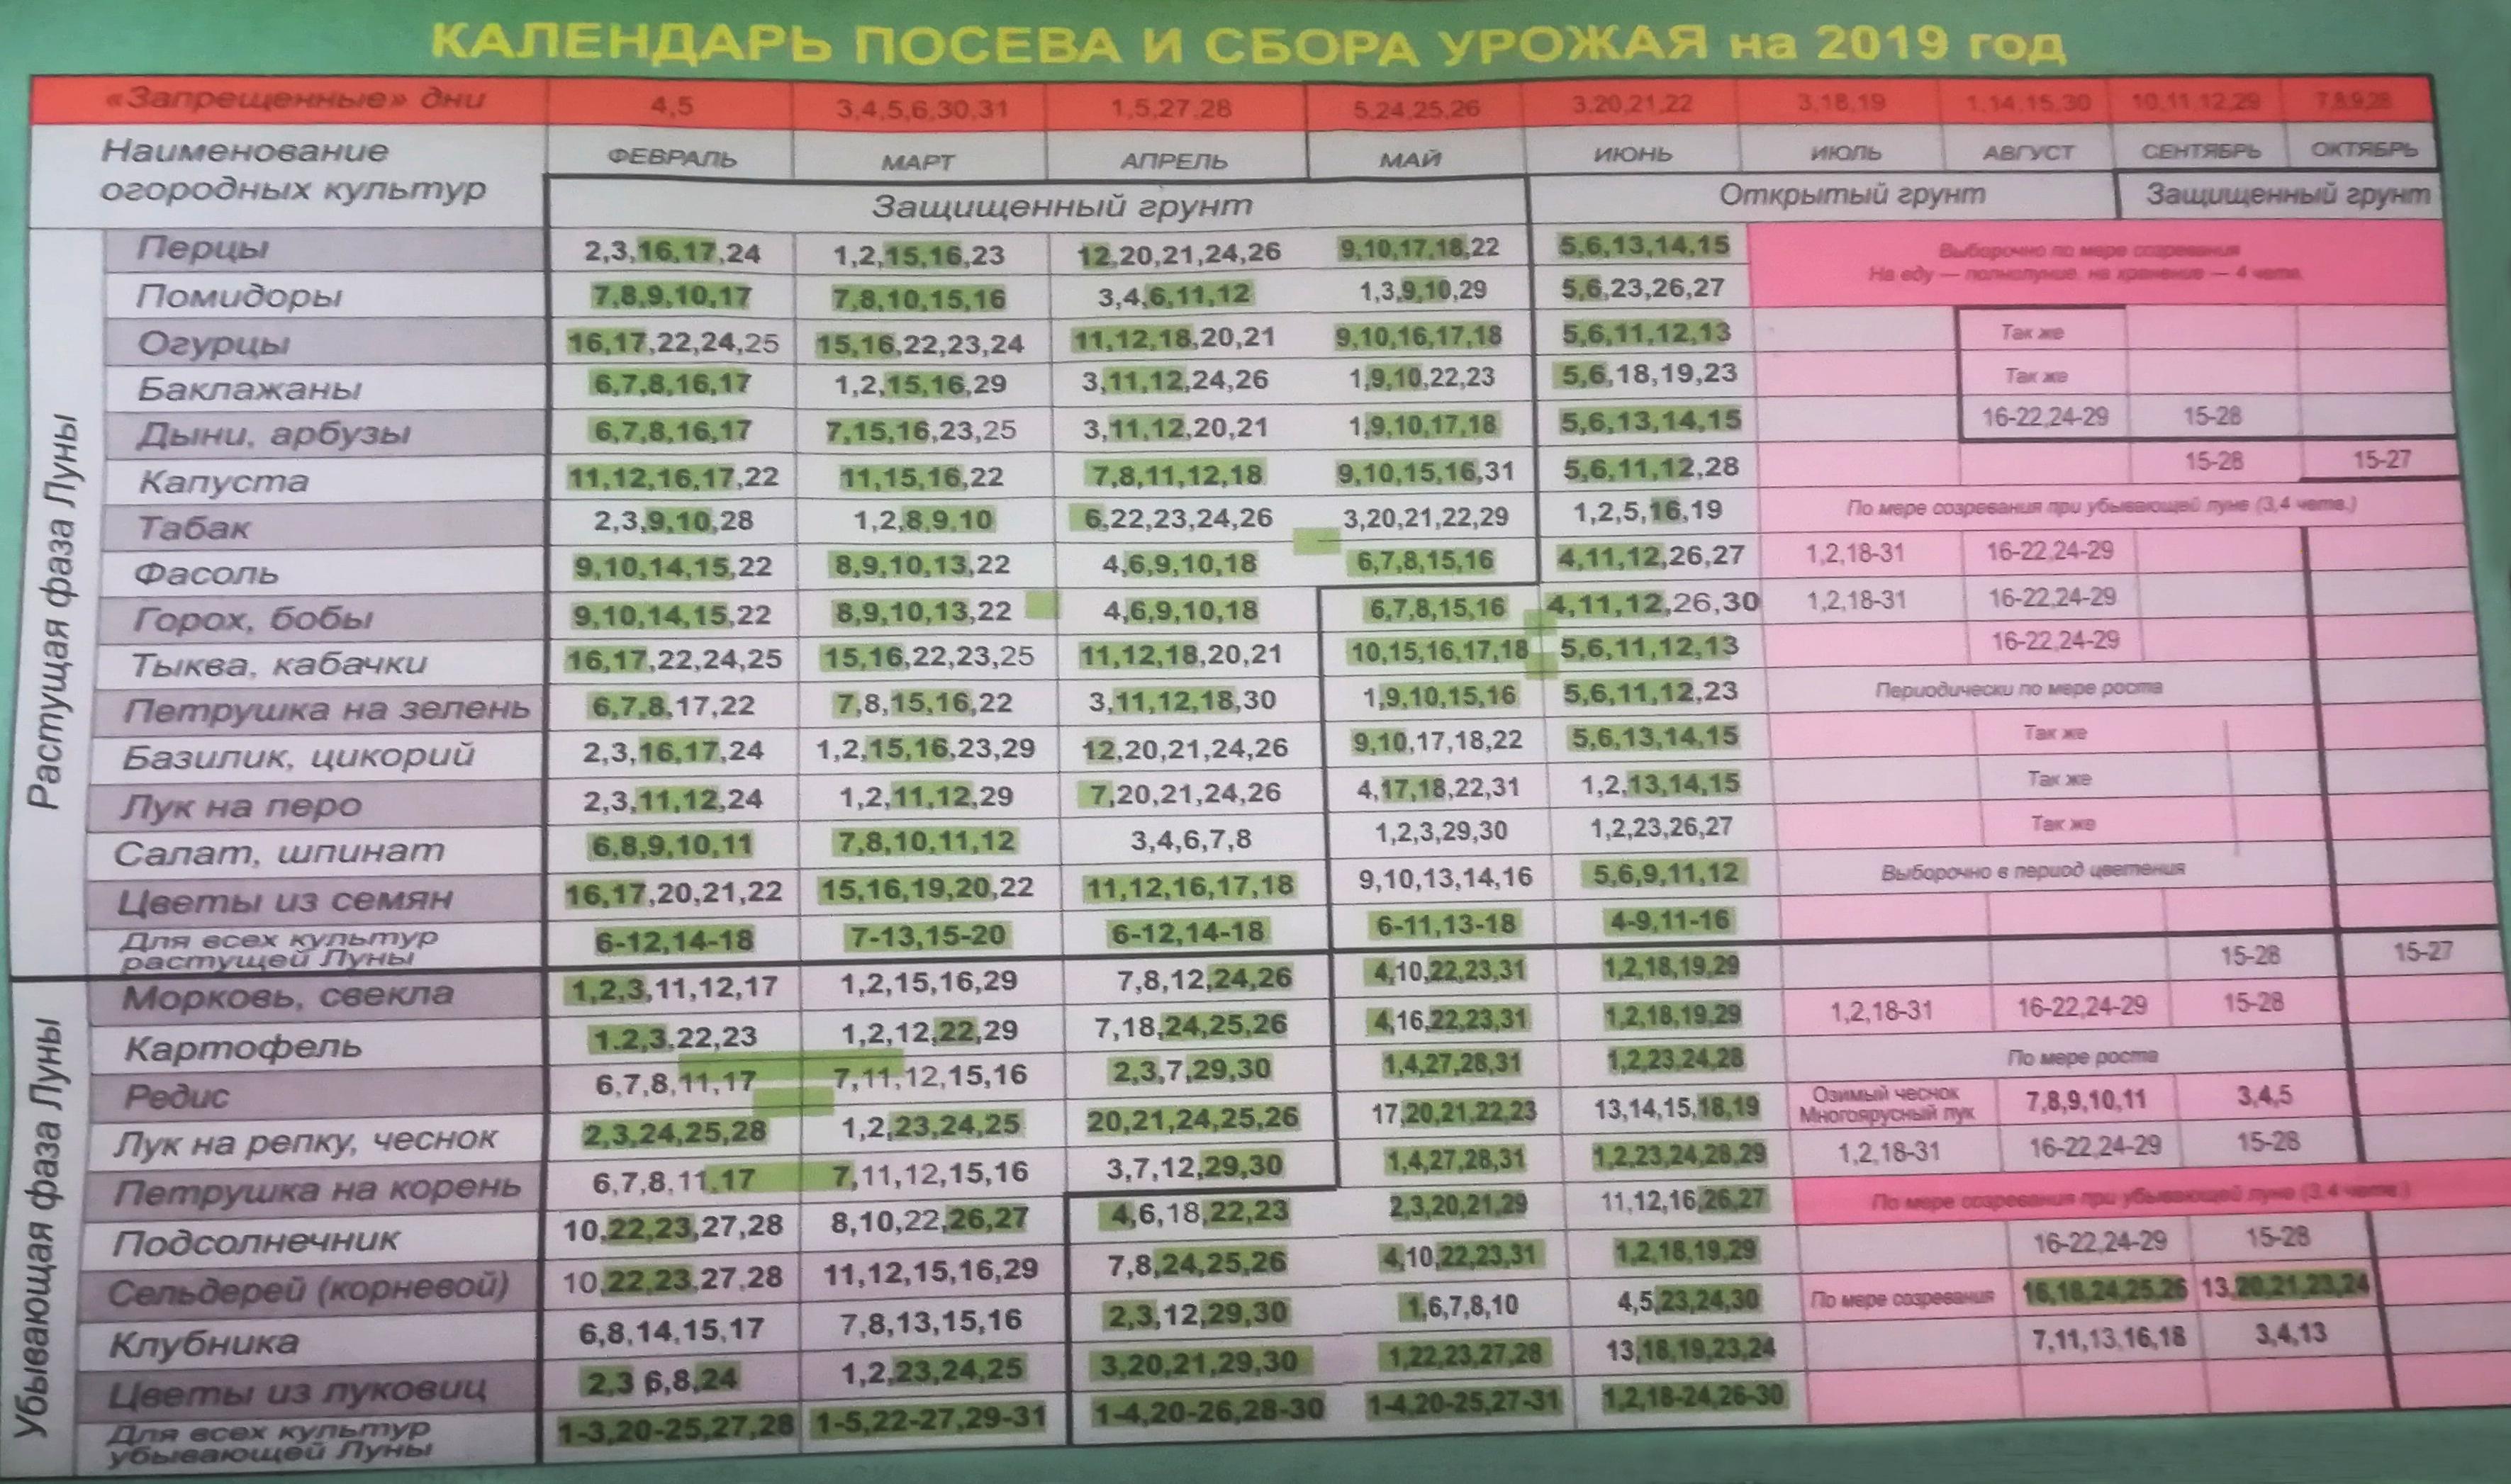 Календарь посева семян и сбора урожая, Сибирь 2019